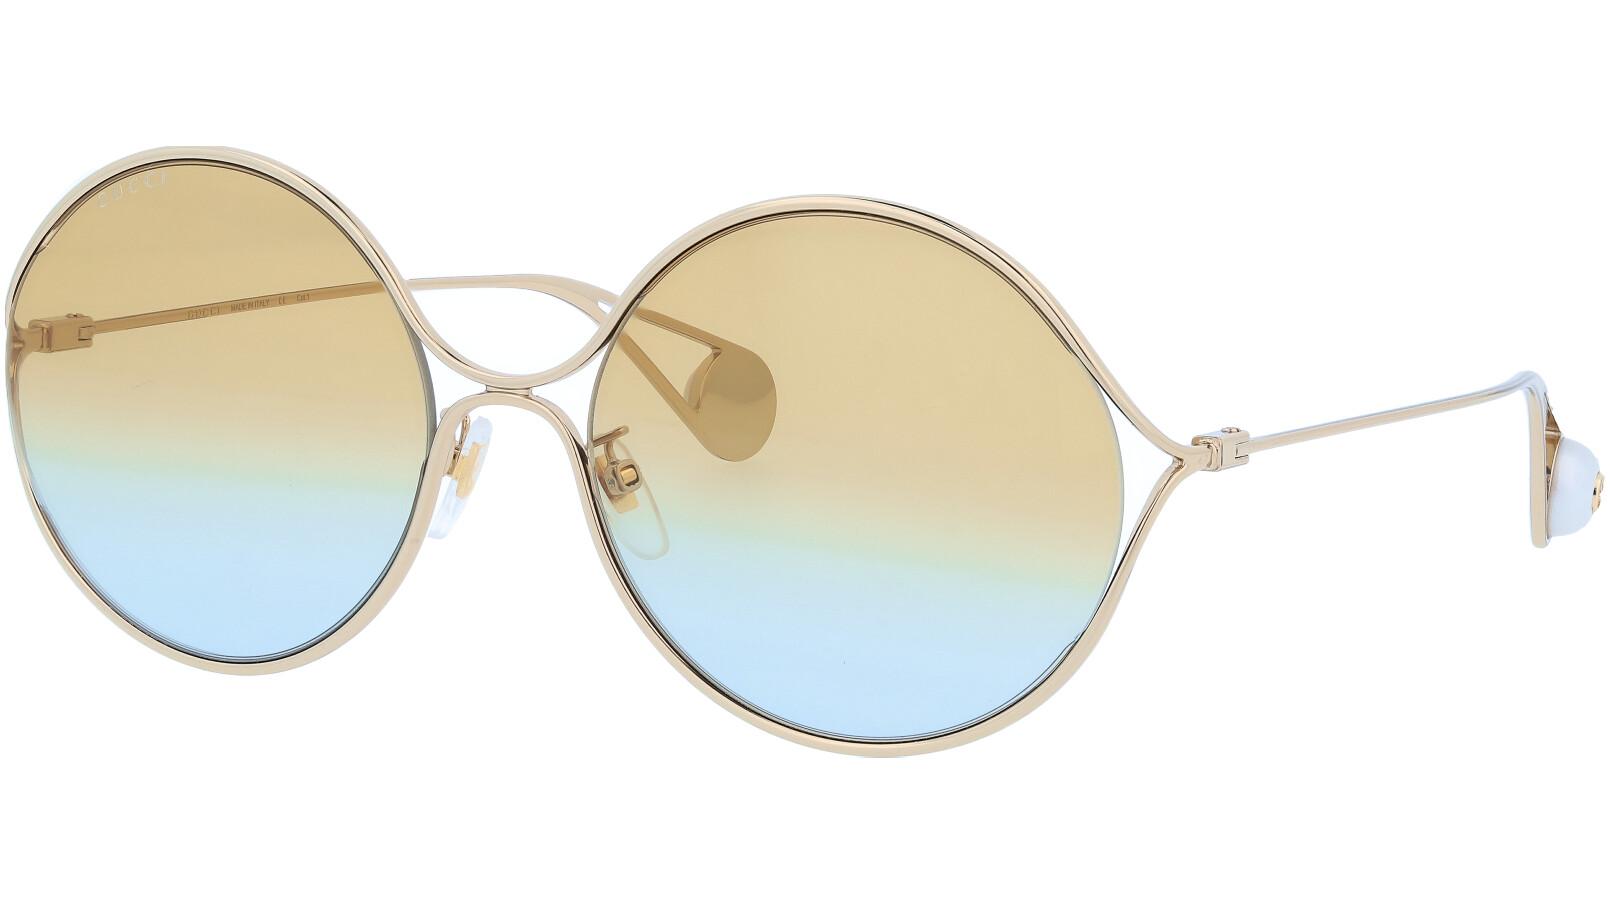 GUCCI GG0351S 001 62 GOLD Sunglasses